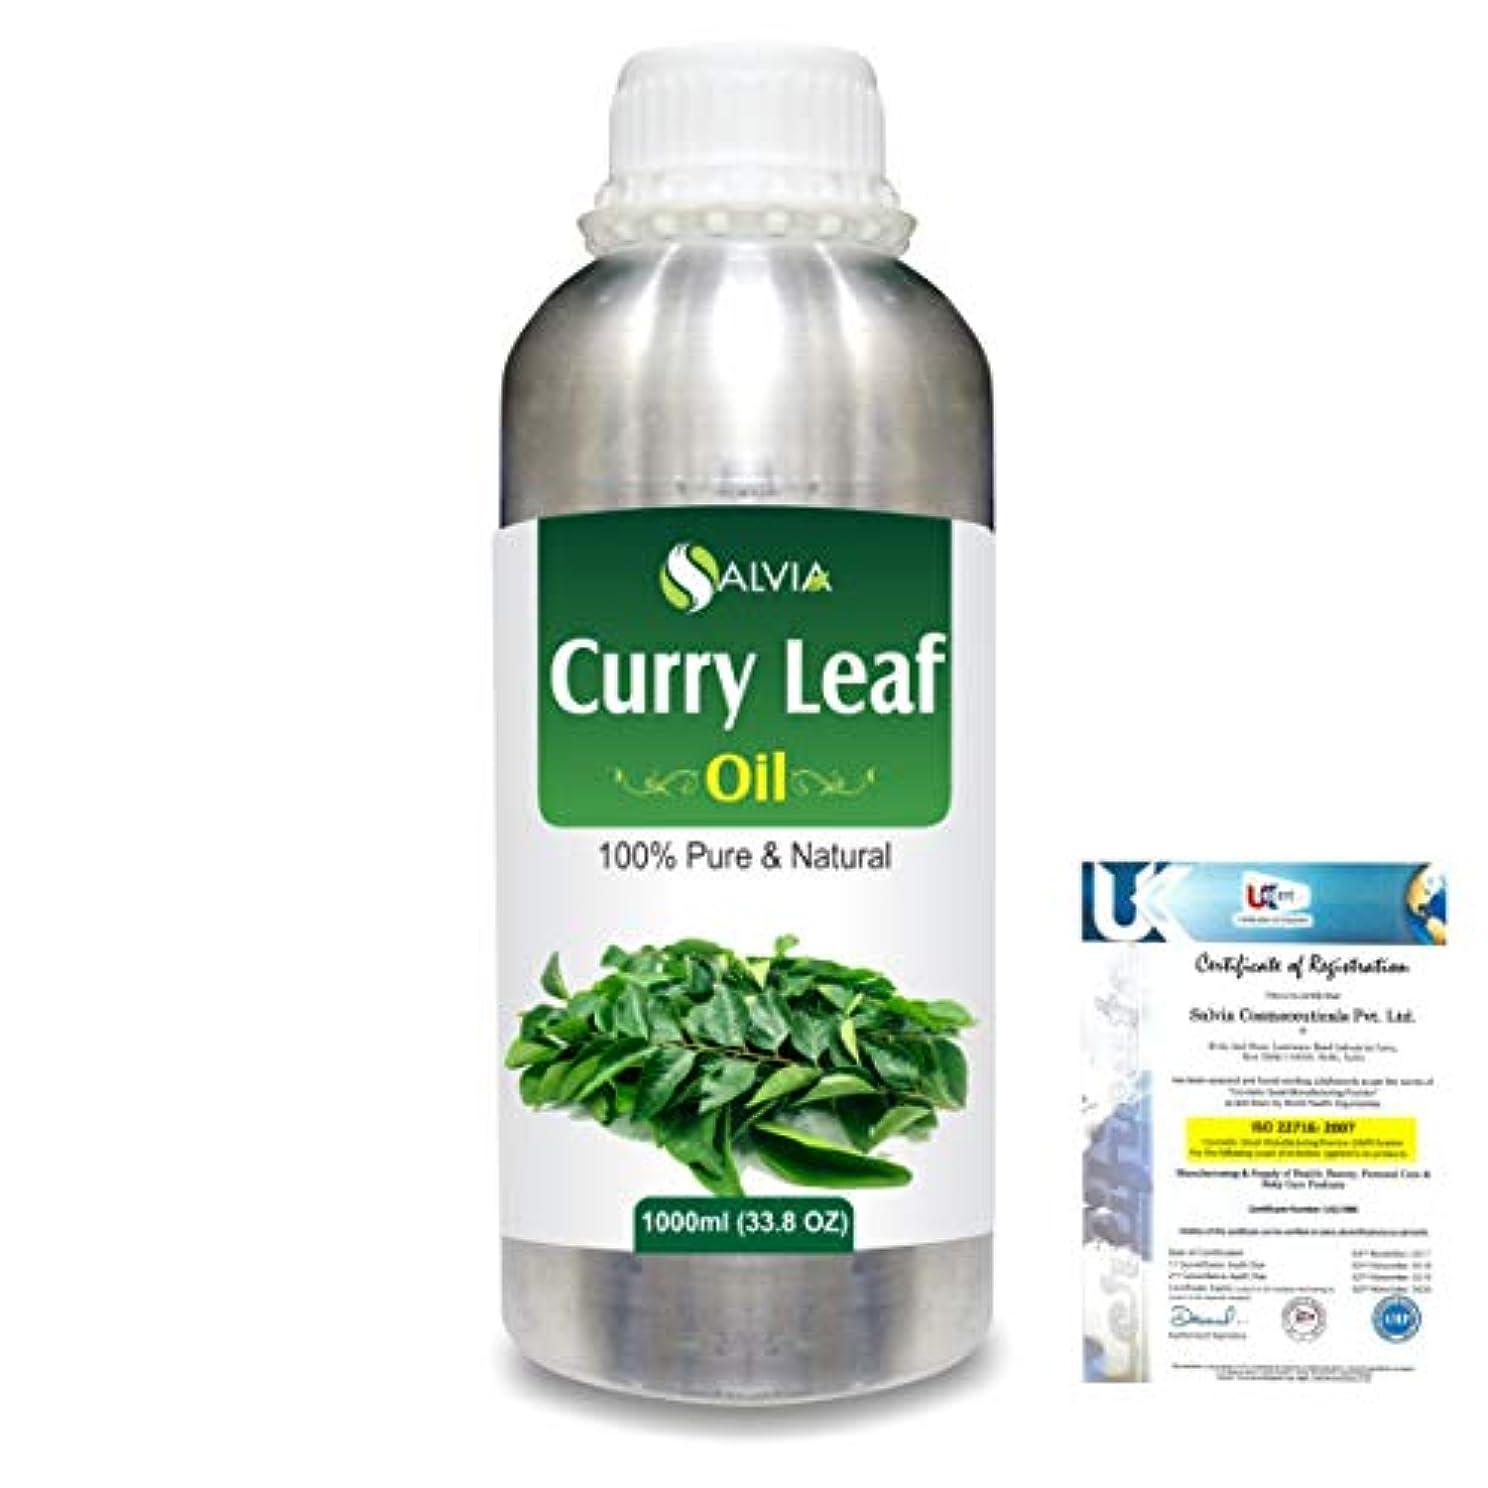 悪質な運搬ジェームズダイソンCurry Leaf (Murraya koenigz) 100% Natural Pure Essential Oil 1000ml/33.8fl.oz.